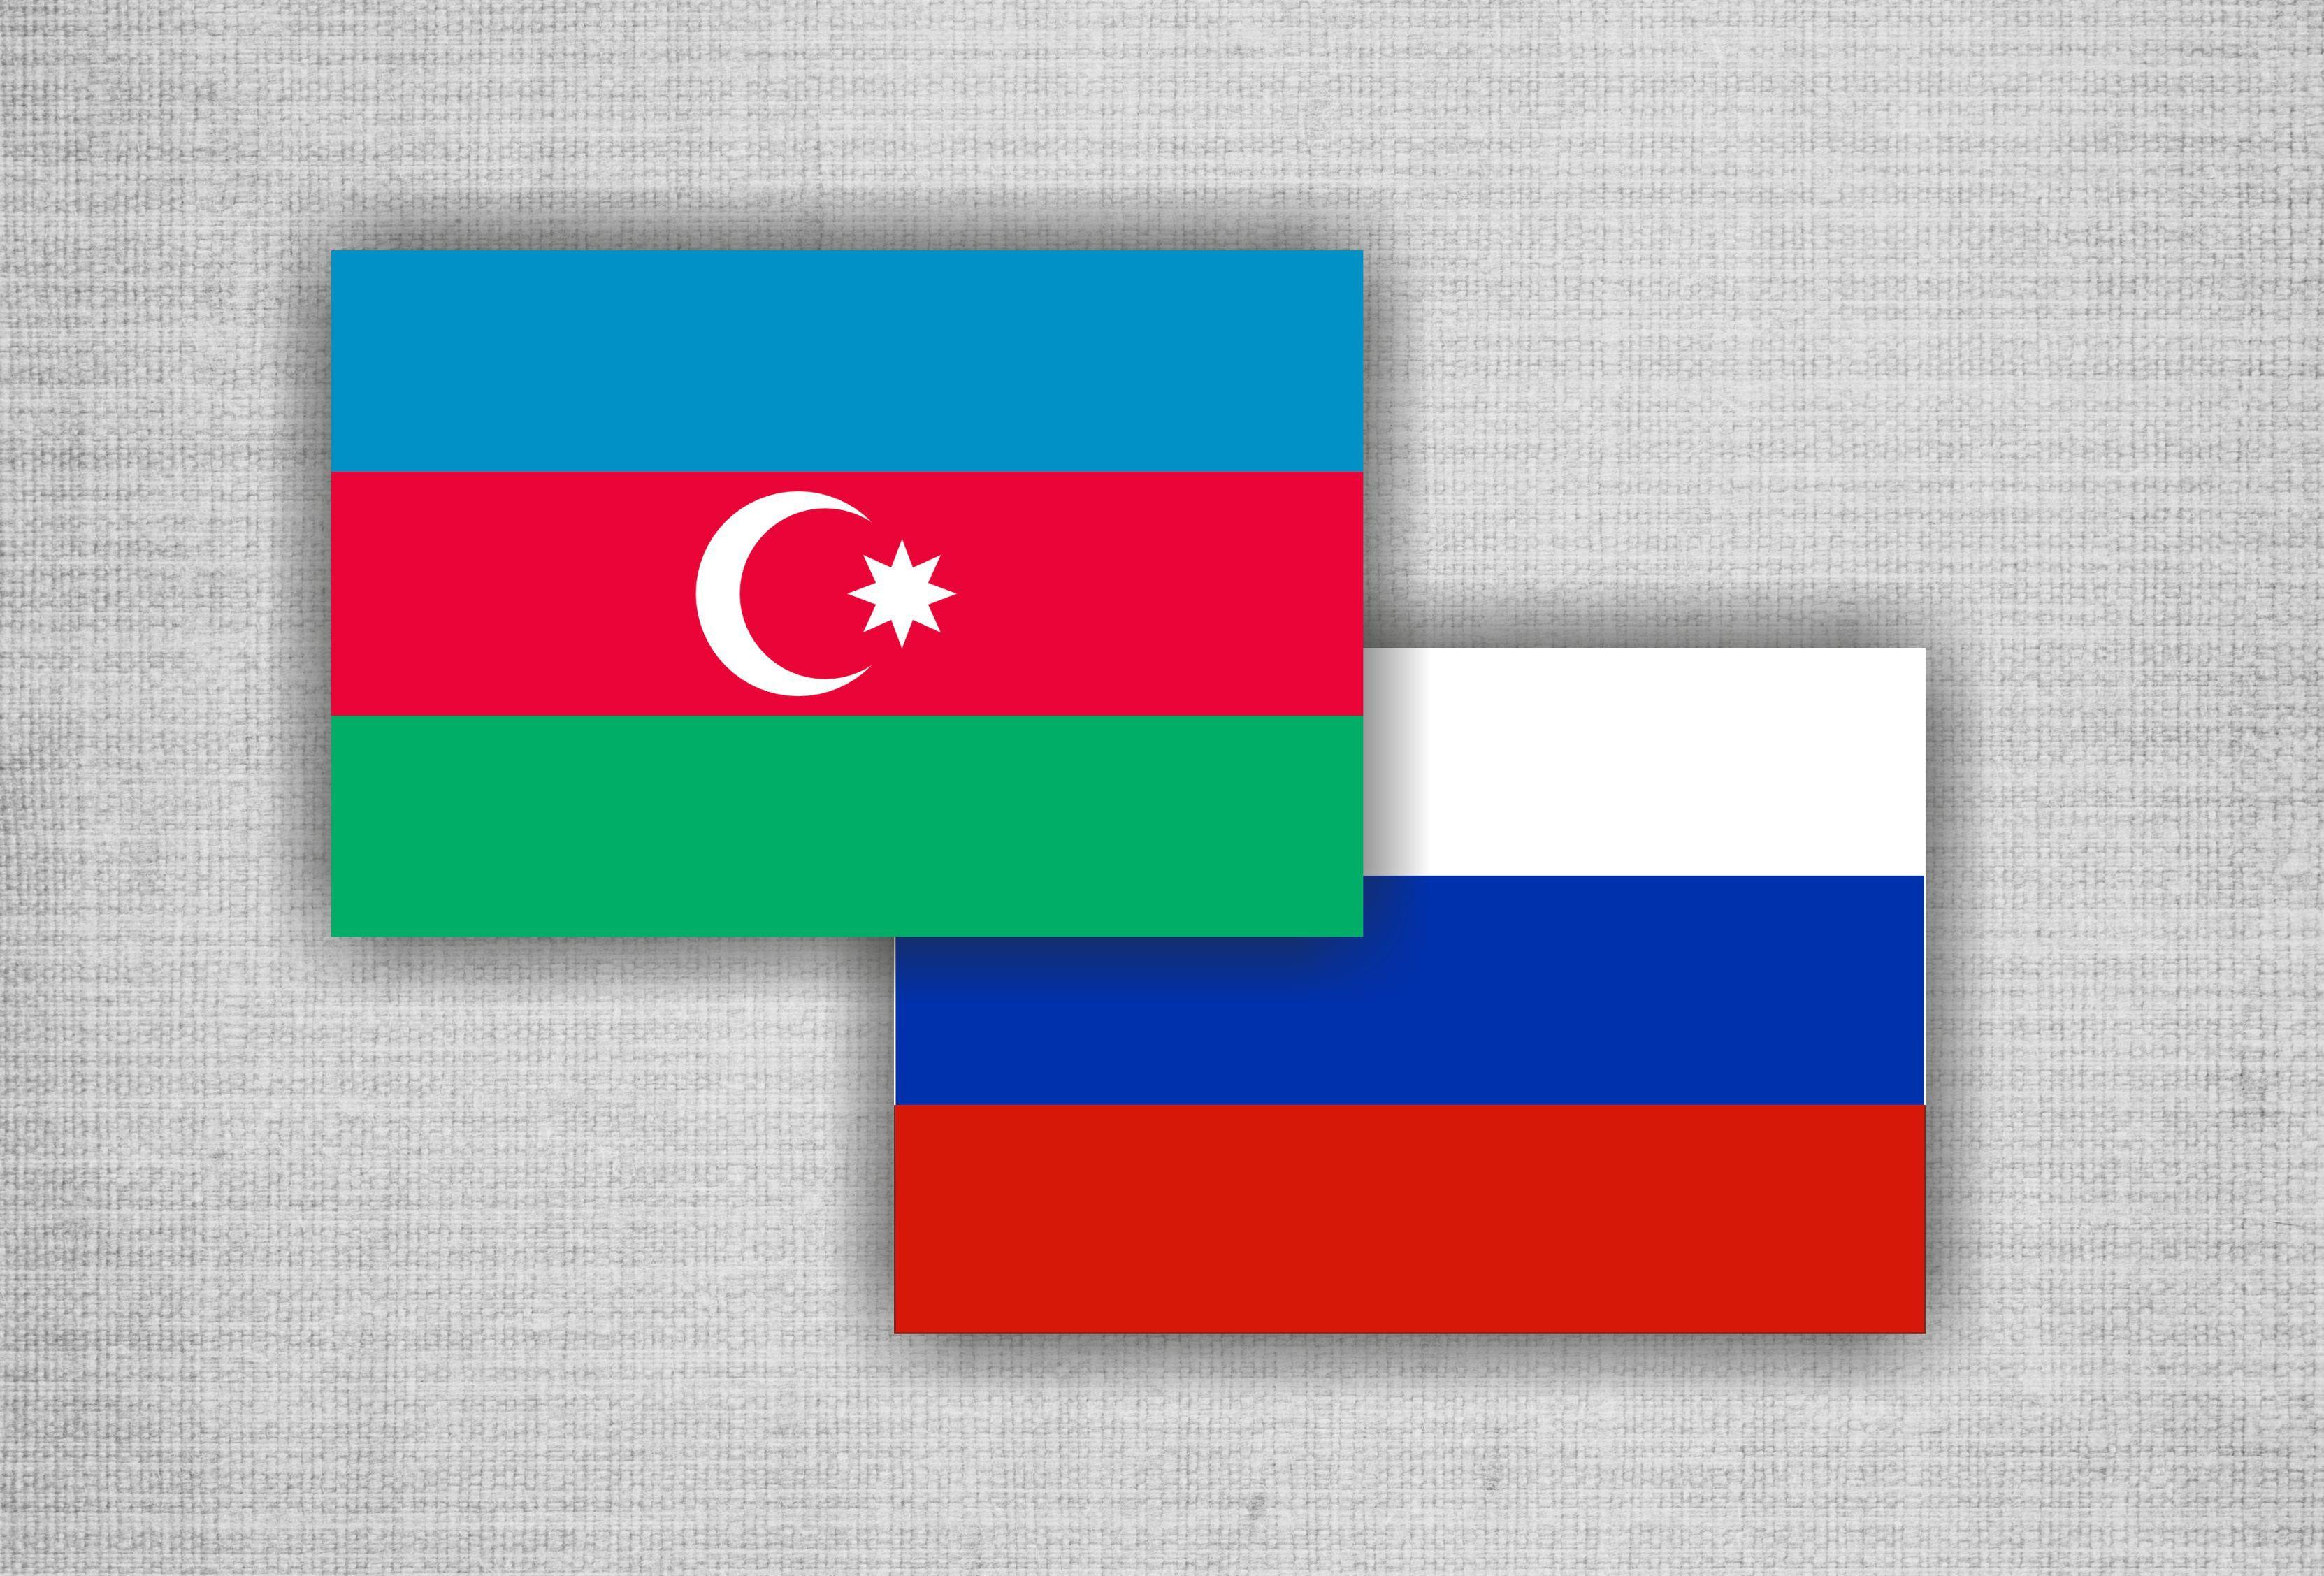 V международный гуманитарный форум состоится в Баку 29 сентября